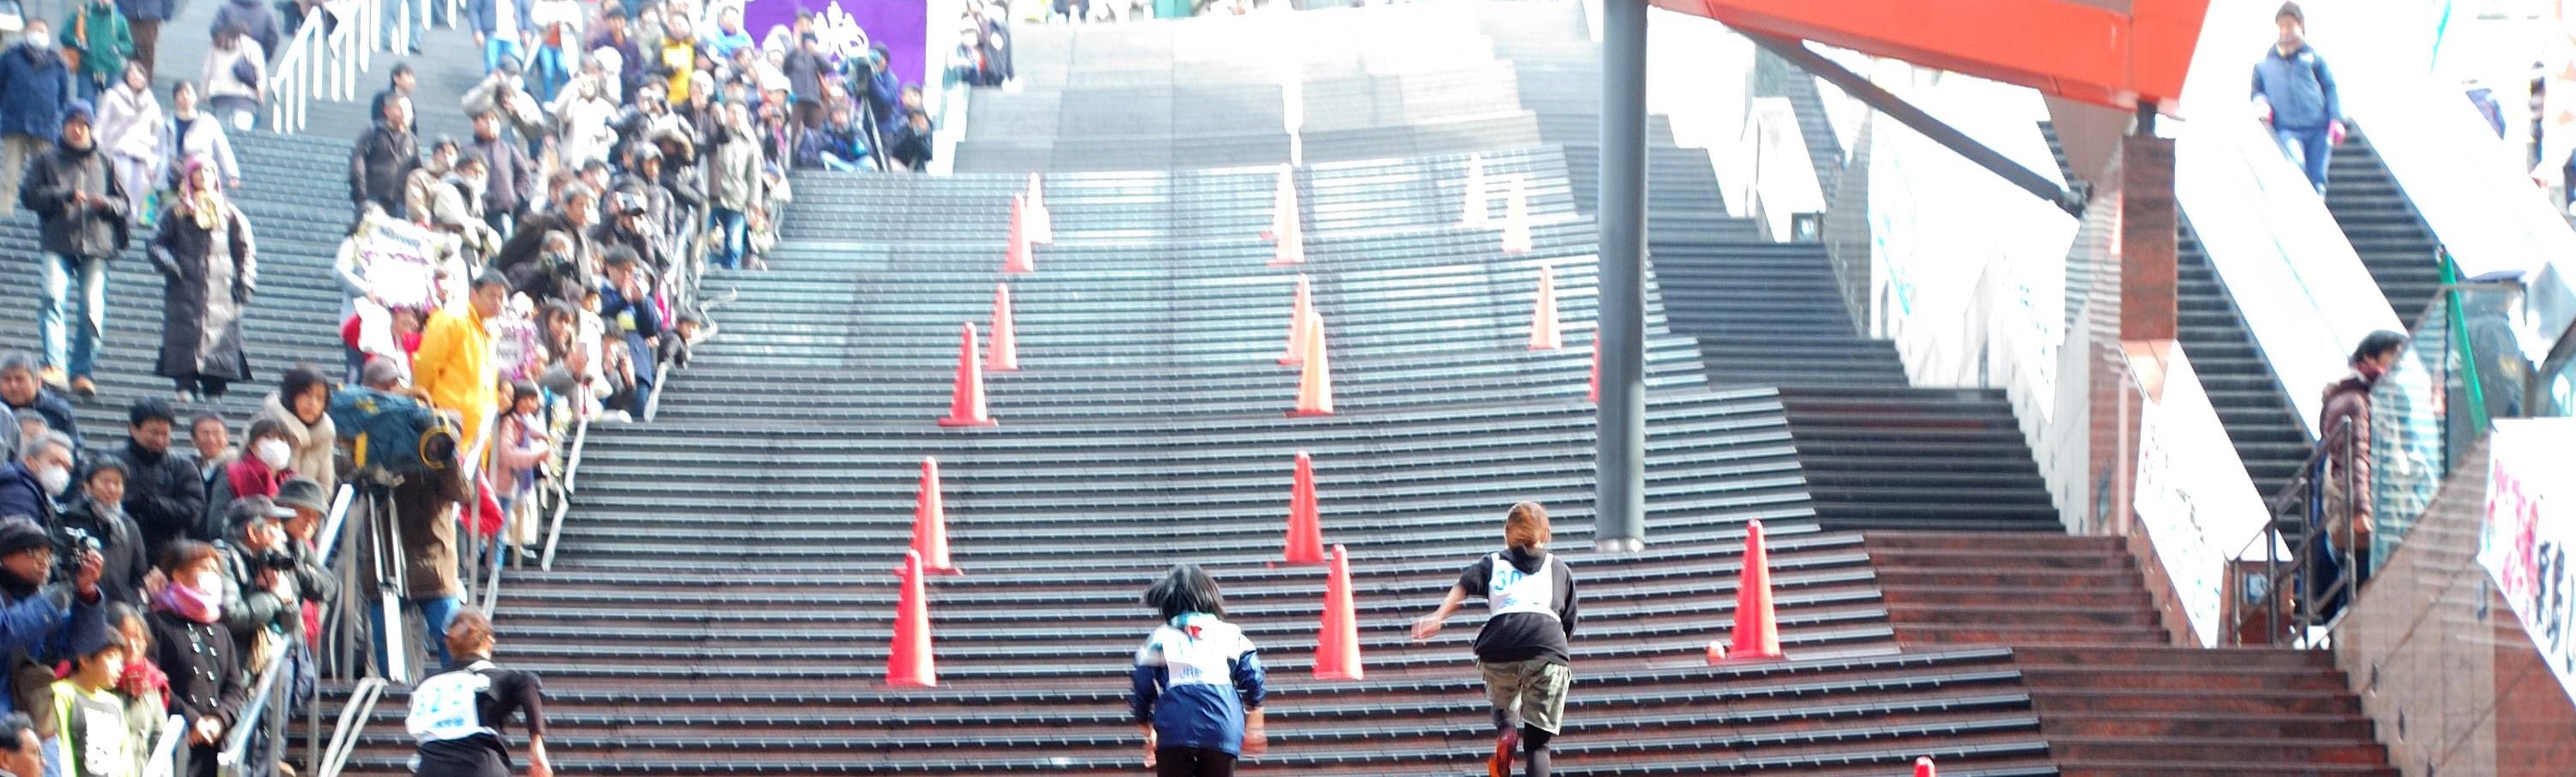 「あべのハルカス」「東京タワー」などの階段を一気に登る大会